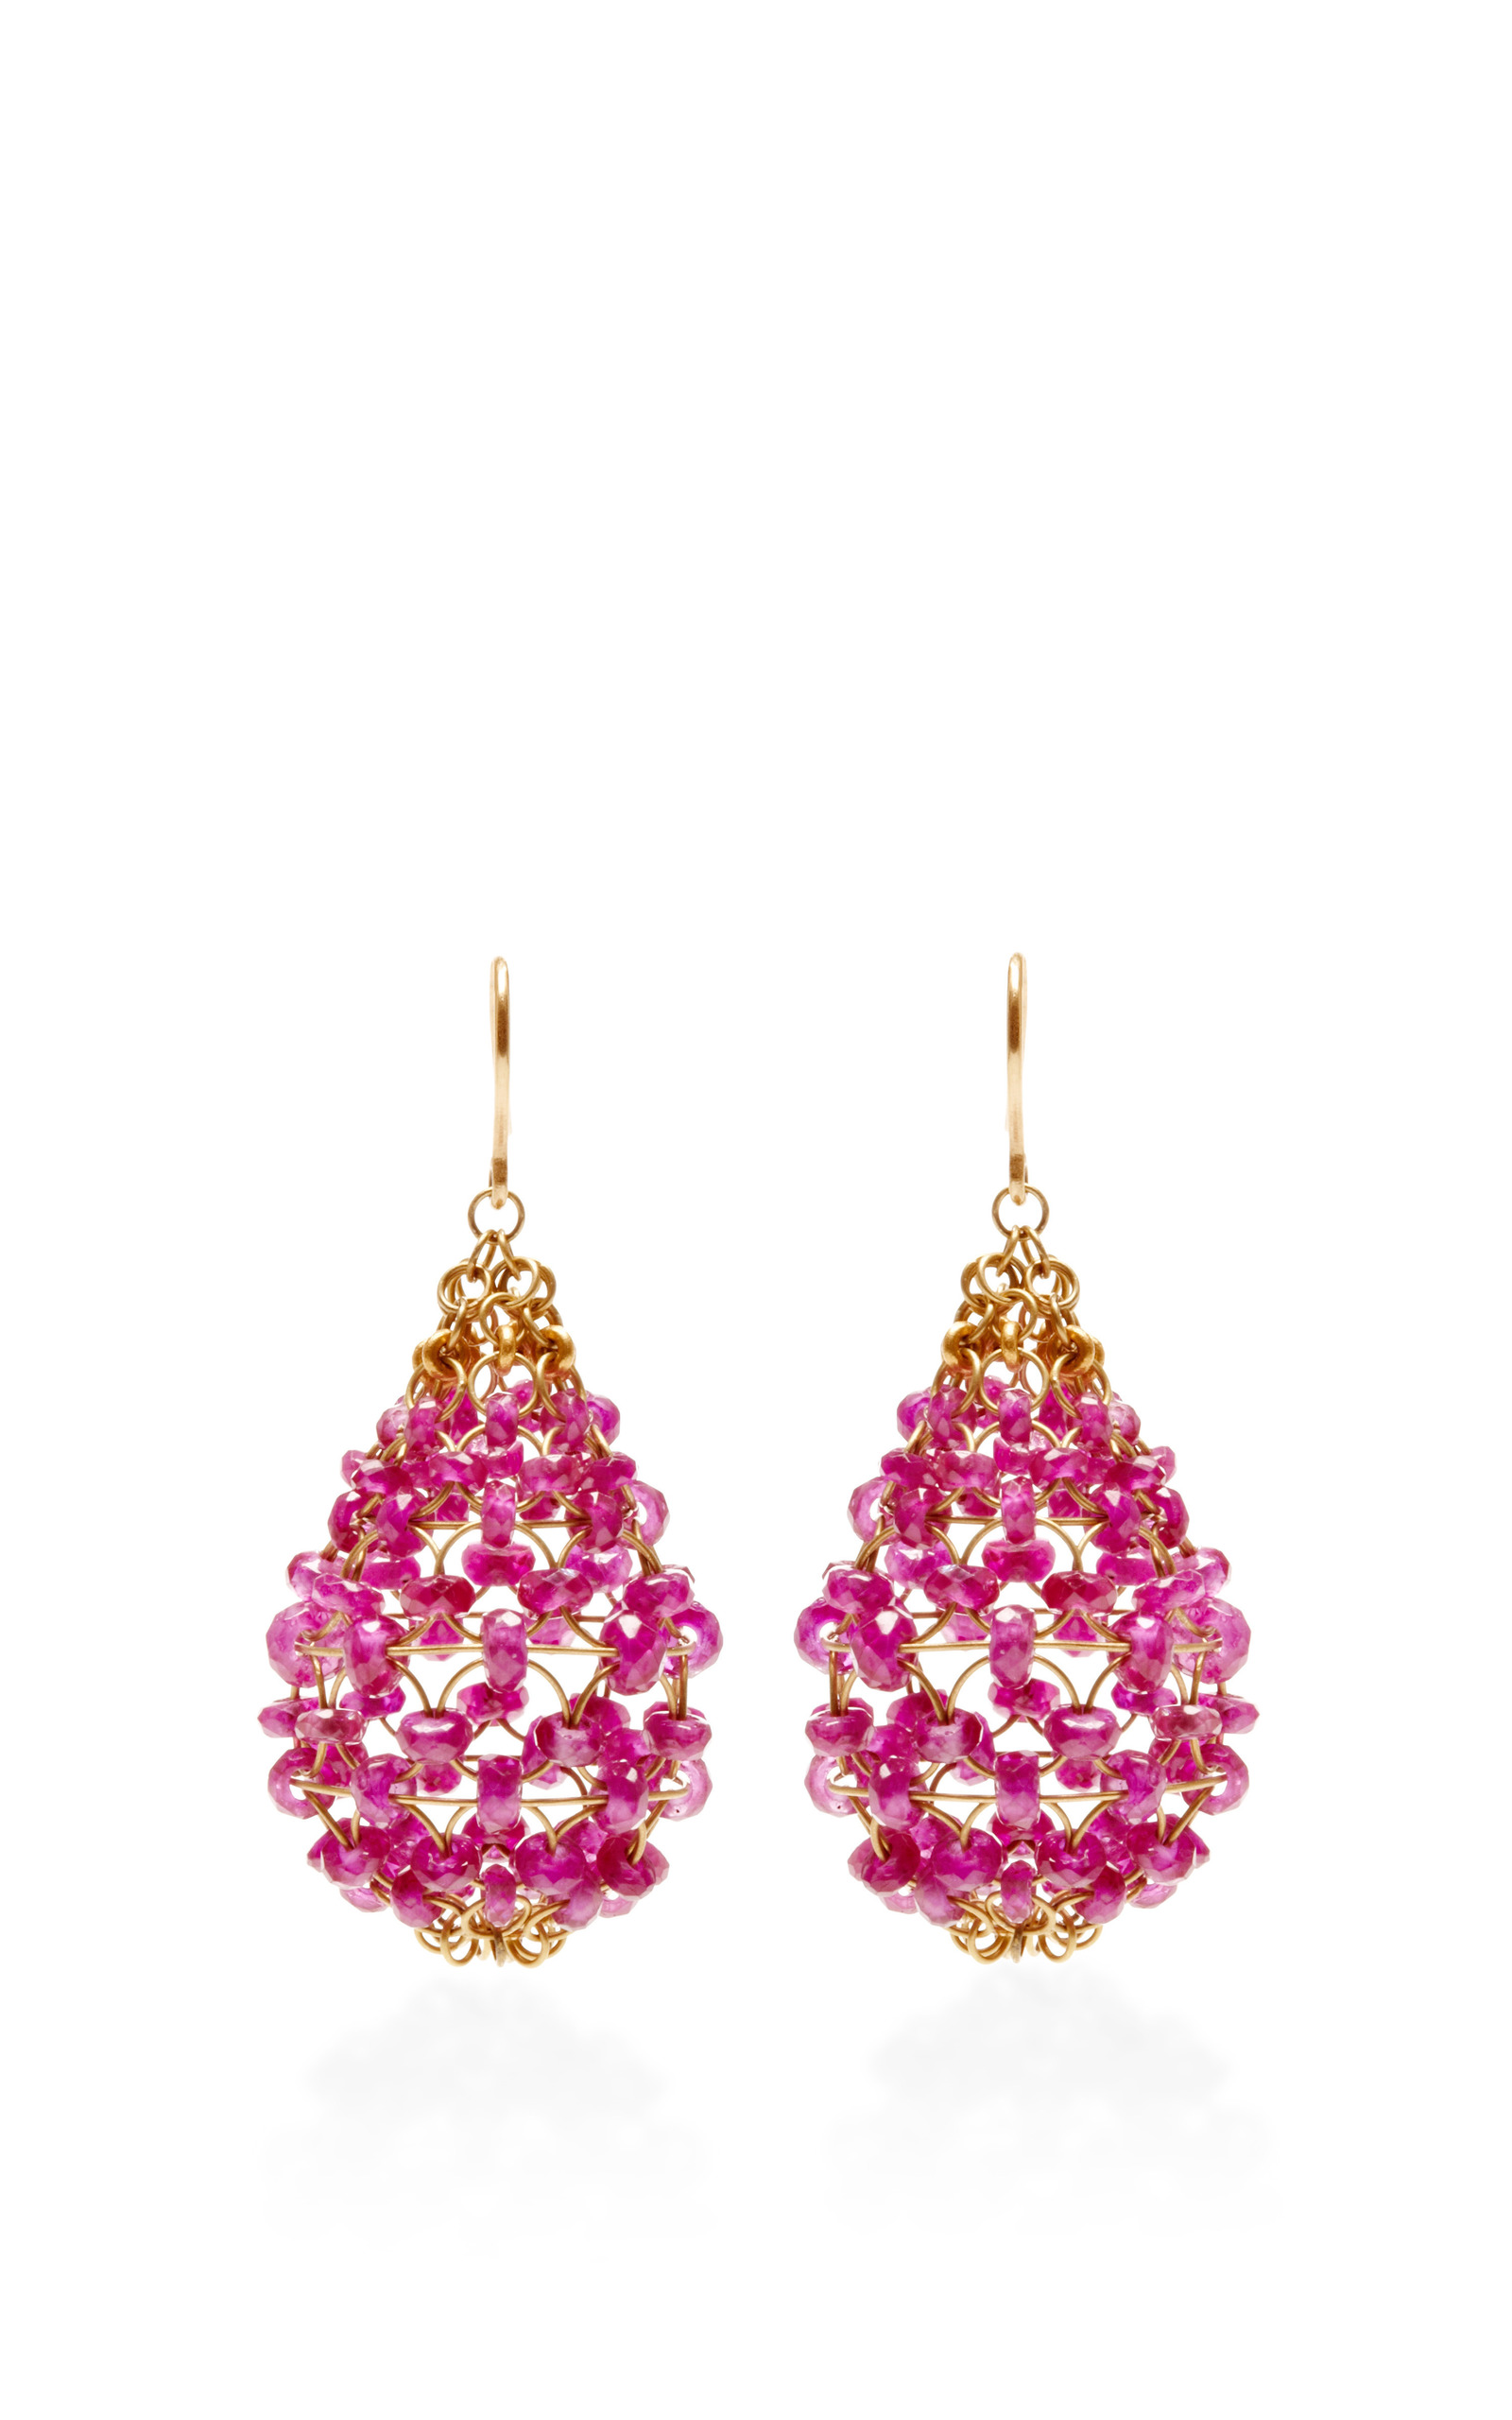 Ruby Russian Dome Earrings